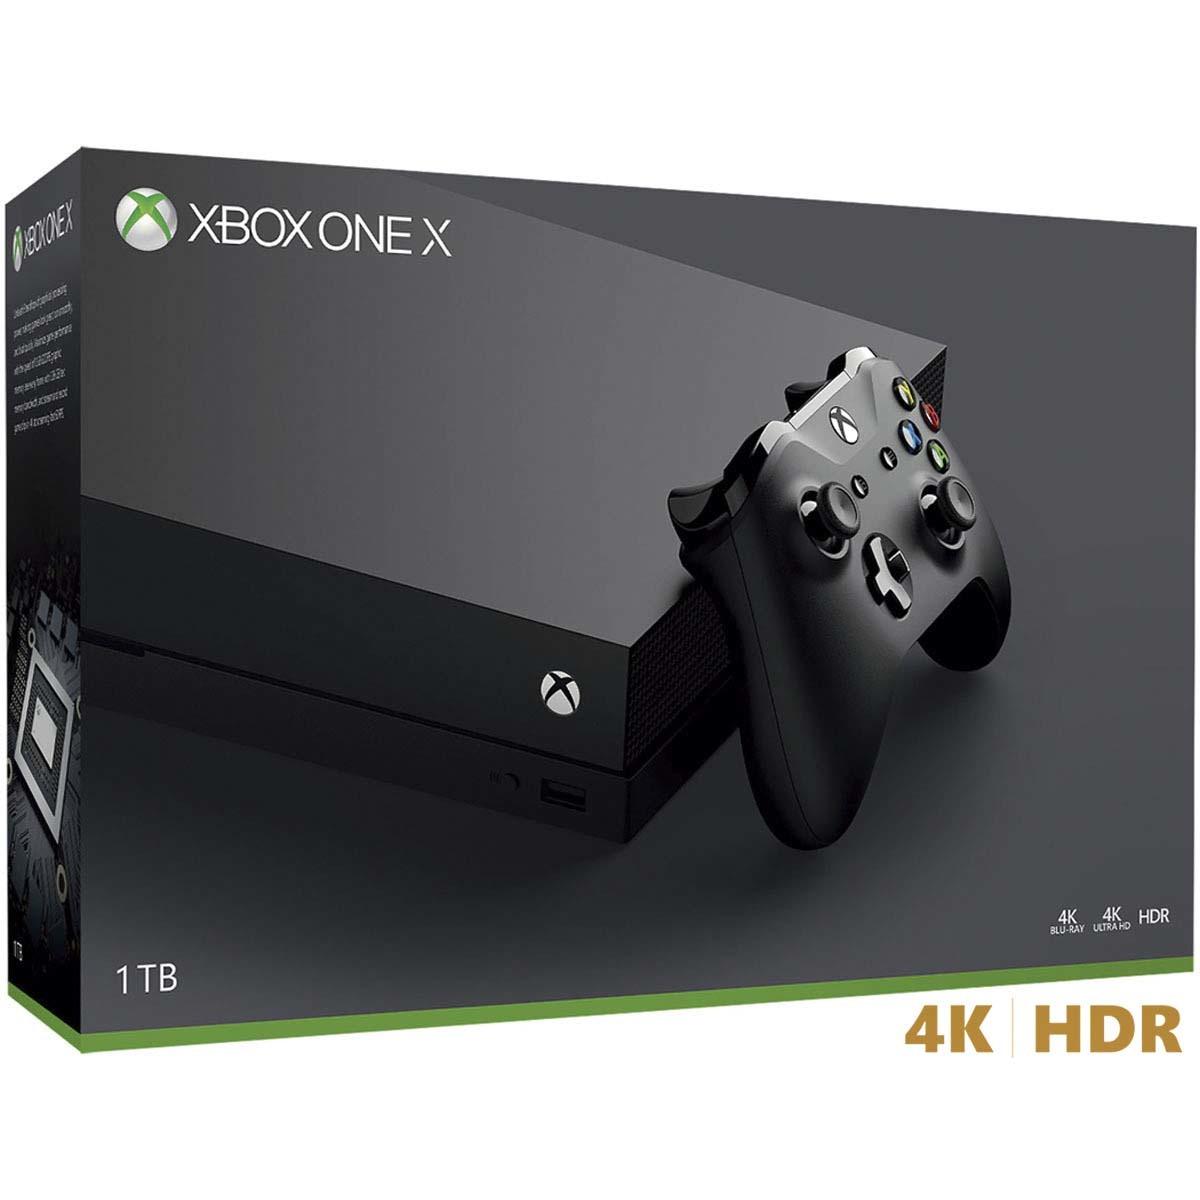 Consola Xbox One X reacondicionada